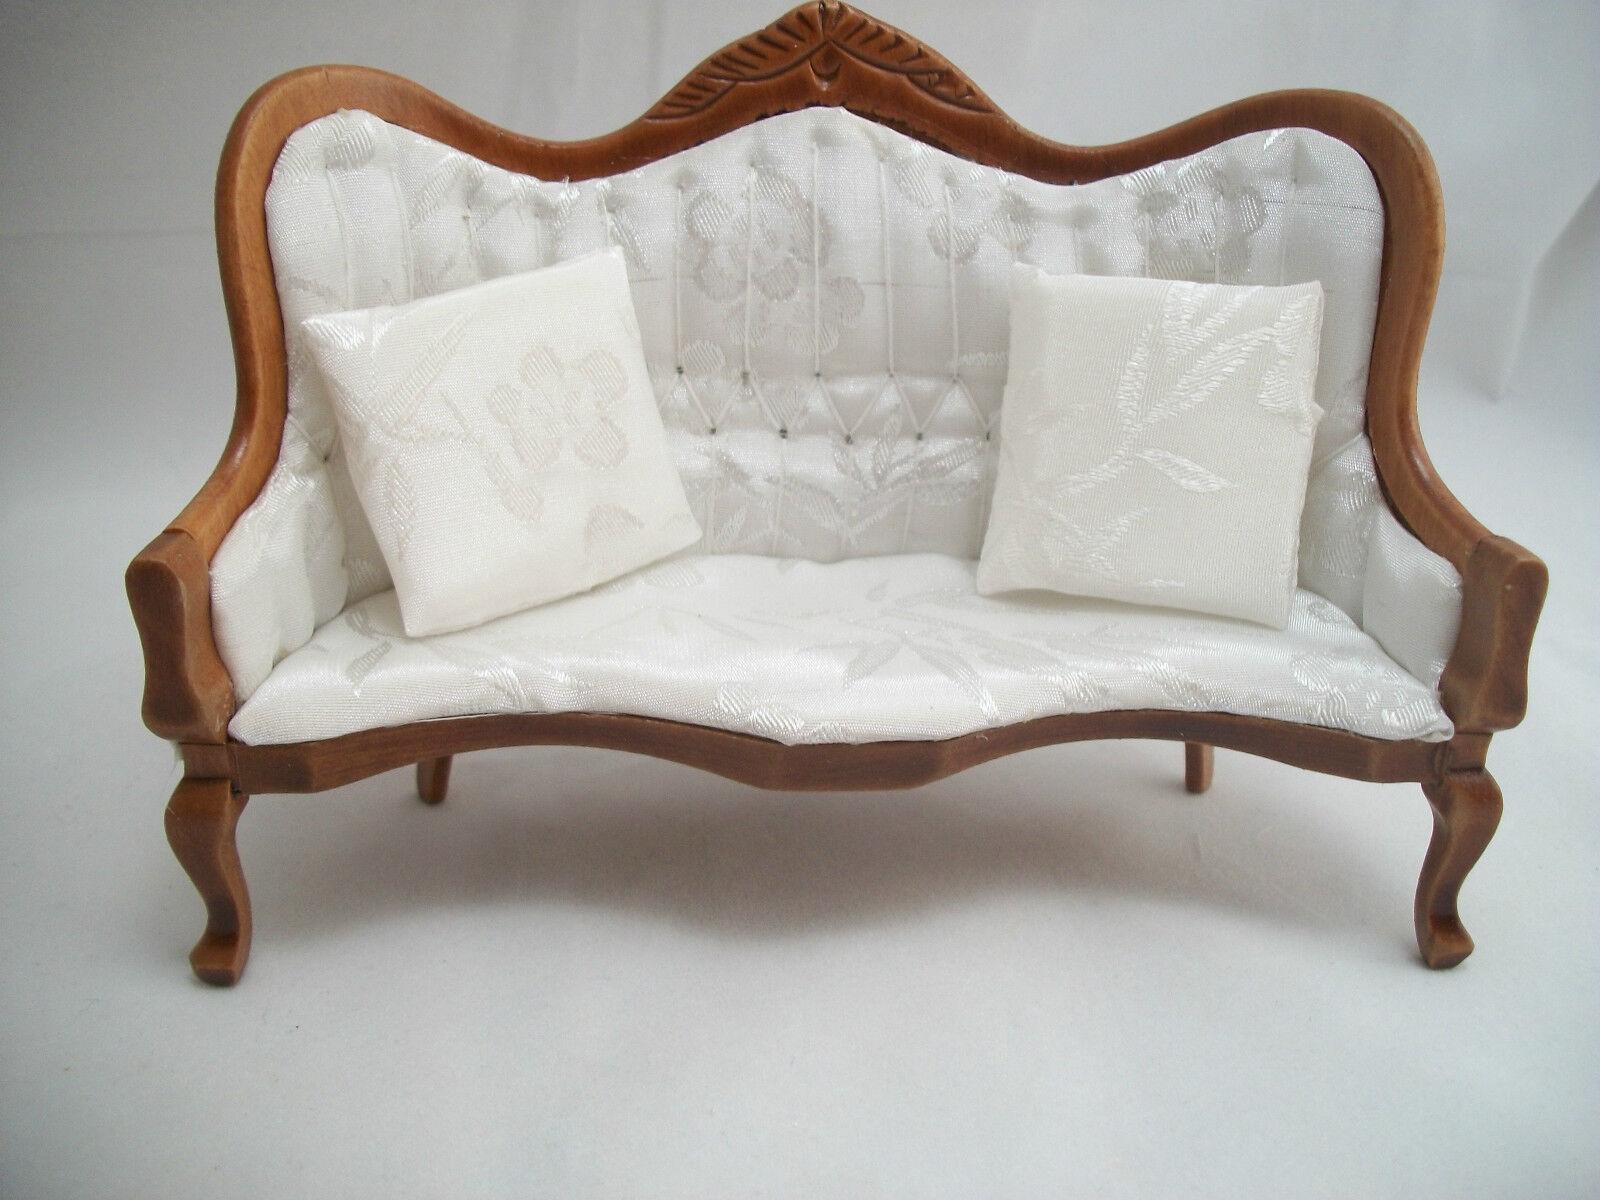 Viktorianisch Wohnzimmer Salon Salon Salon Set Walnuss Puppenhaus 1/12 Maßstab T0129 Holz 185d3d